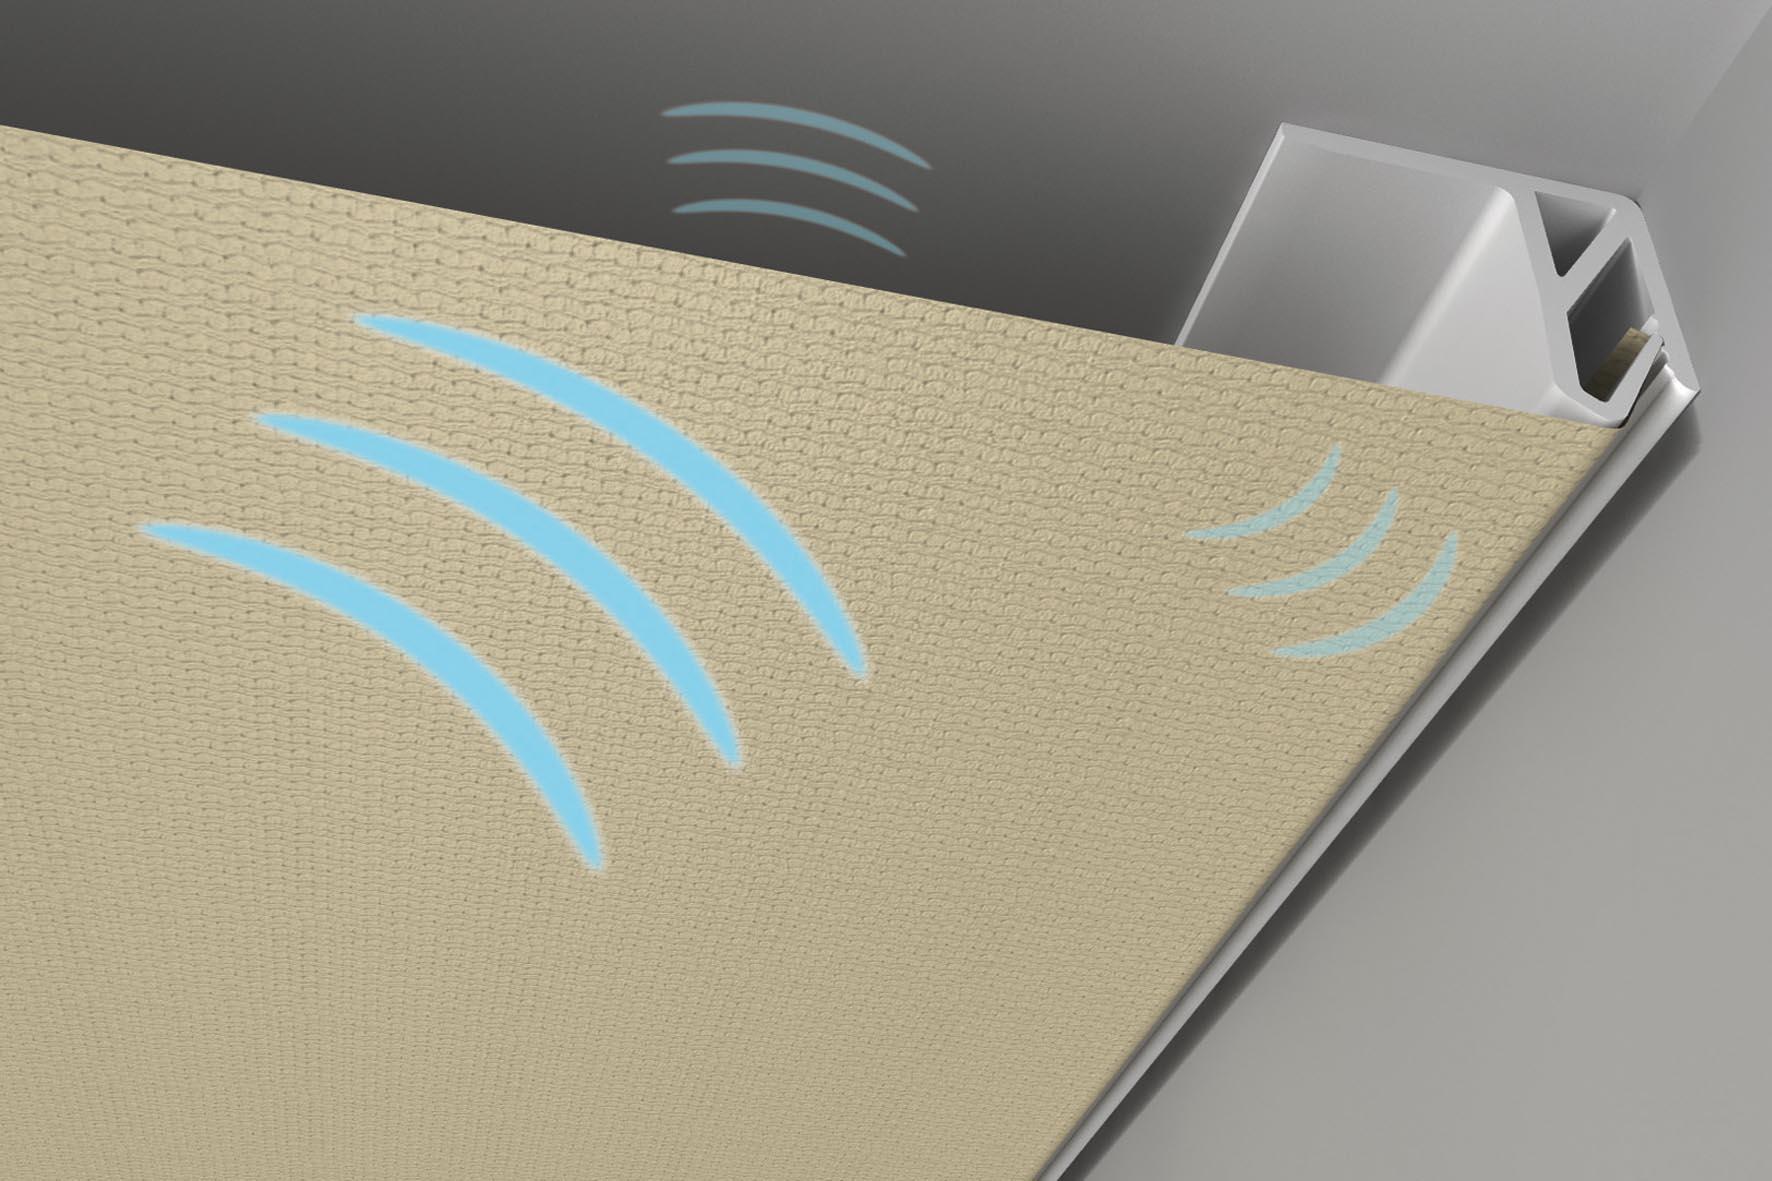 Spanndecken verbessern die akustischen Verhältnisse in den eigenen vier Wänden